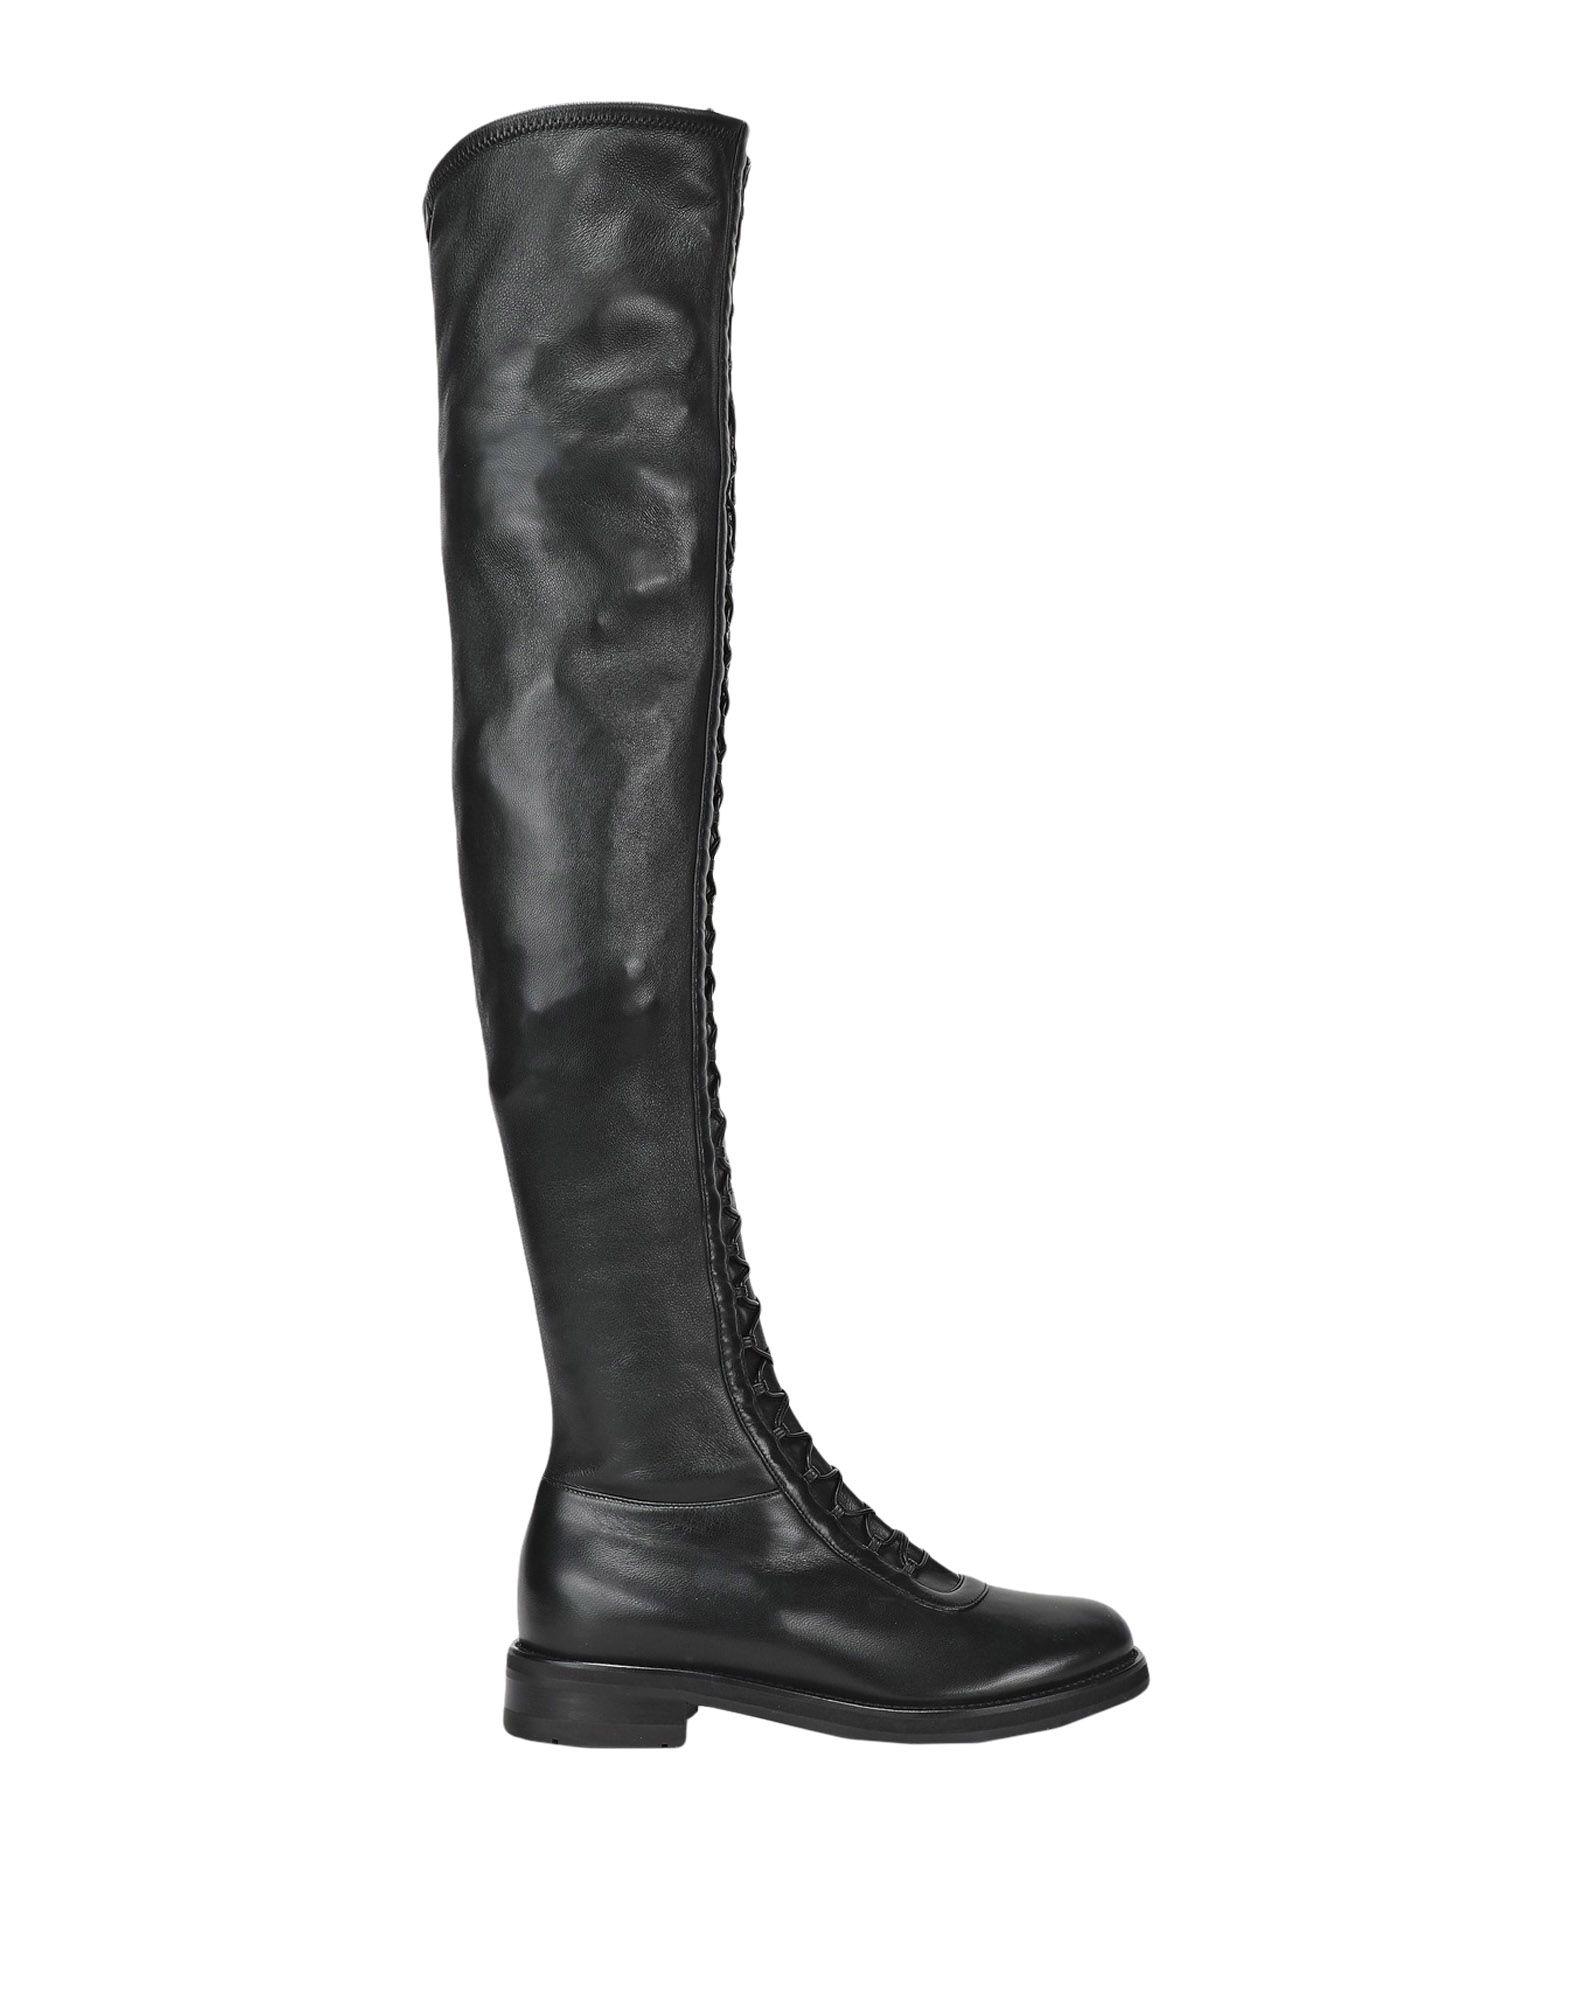 LERRE Сапоги exull женские ботфорты сапоги вышеколена с толстым и низким каблуком